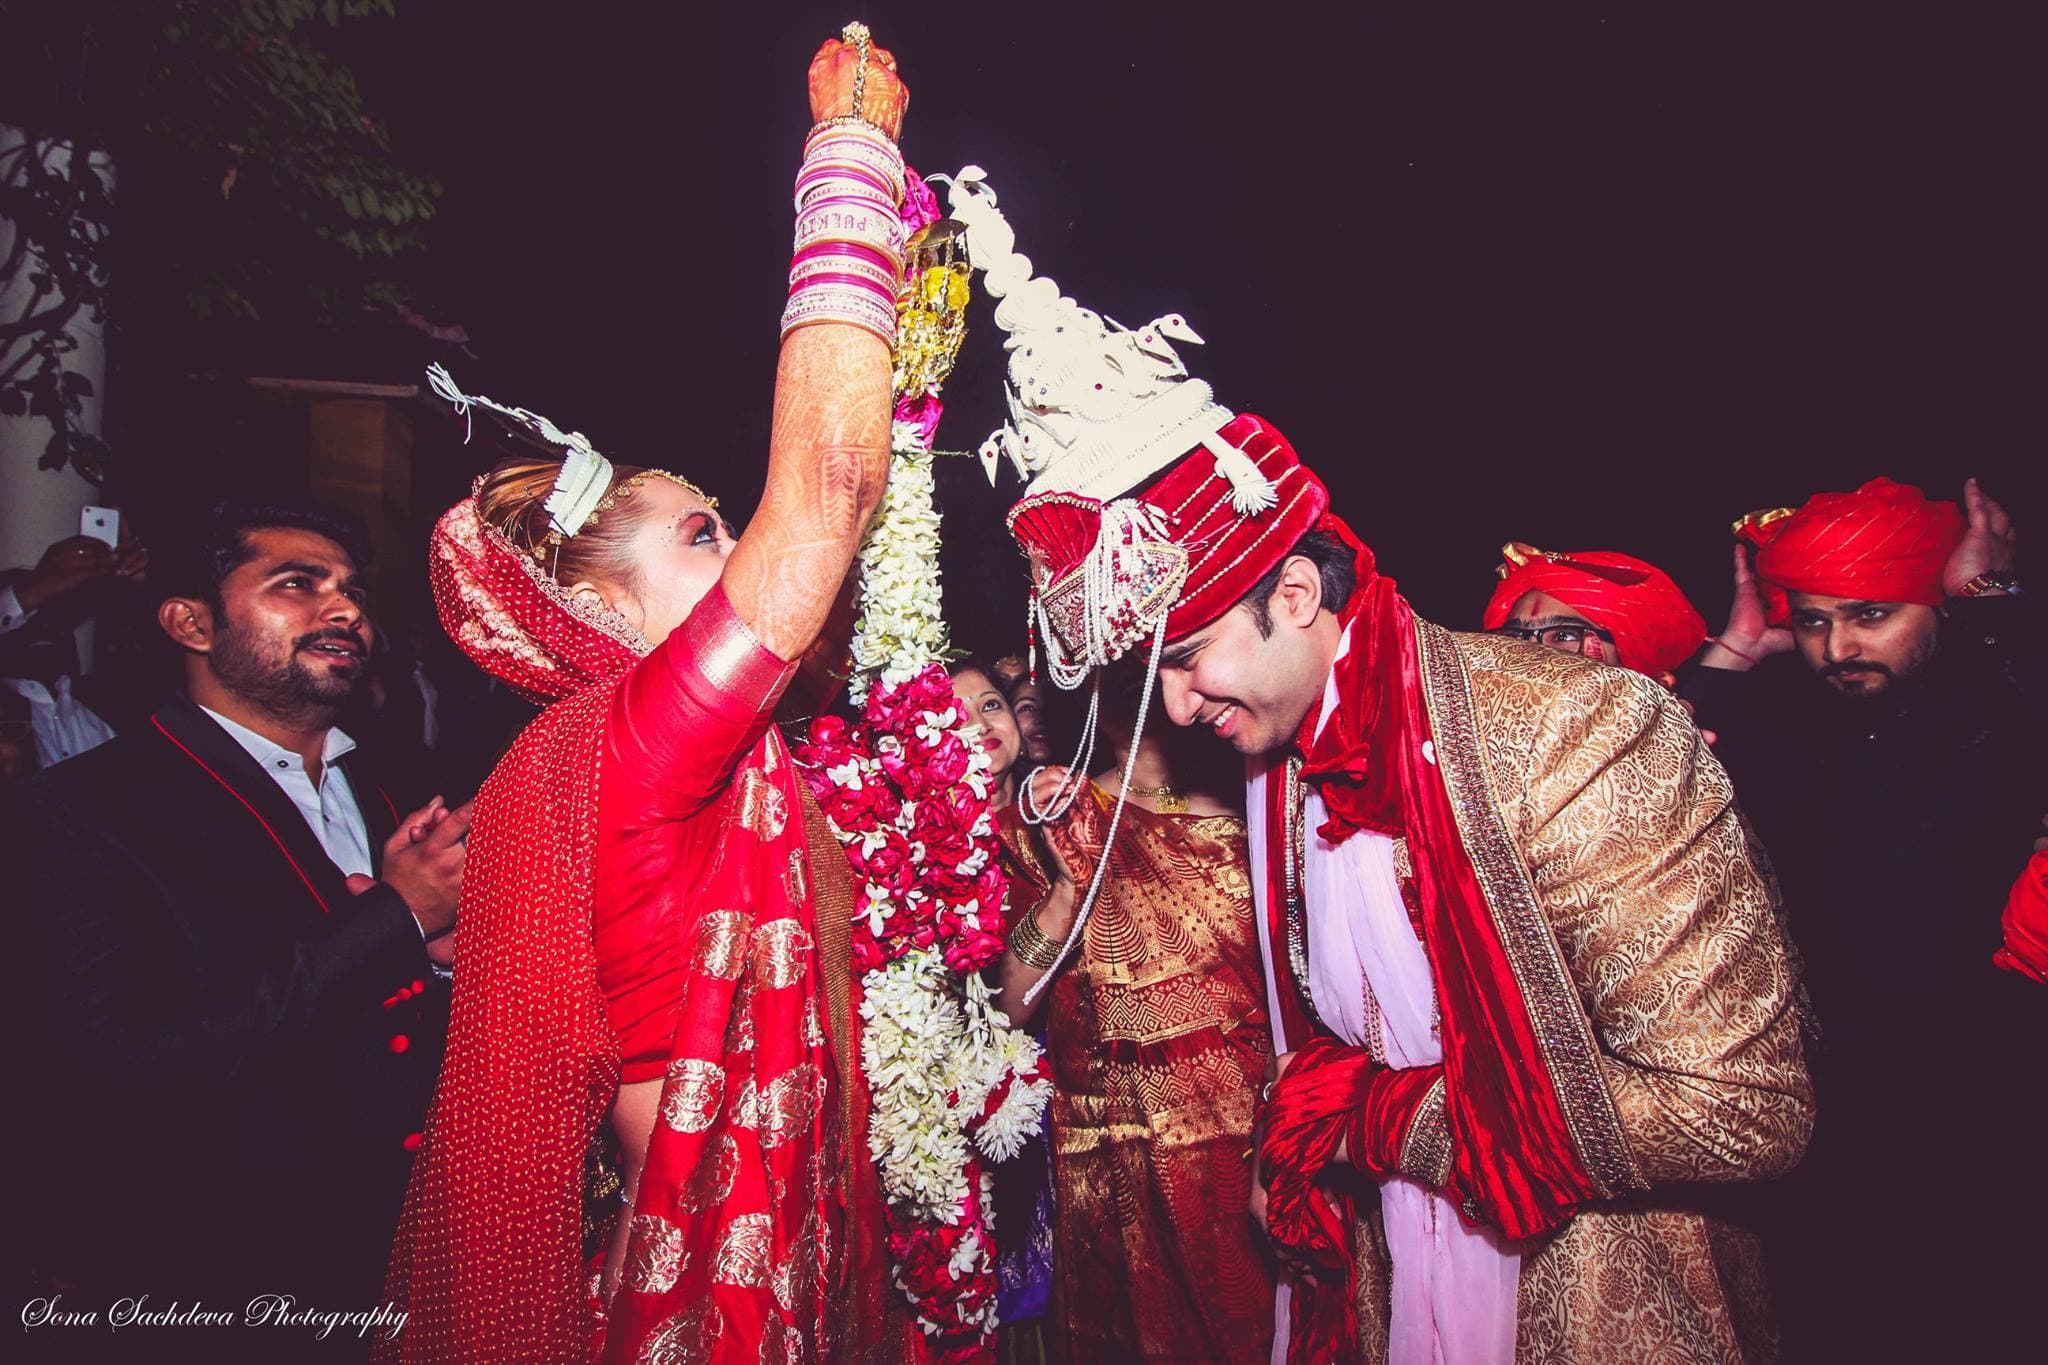 wedding rituals:sona sachdeva photography